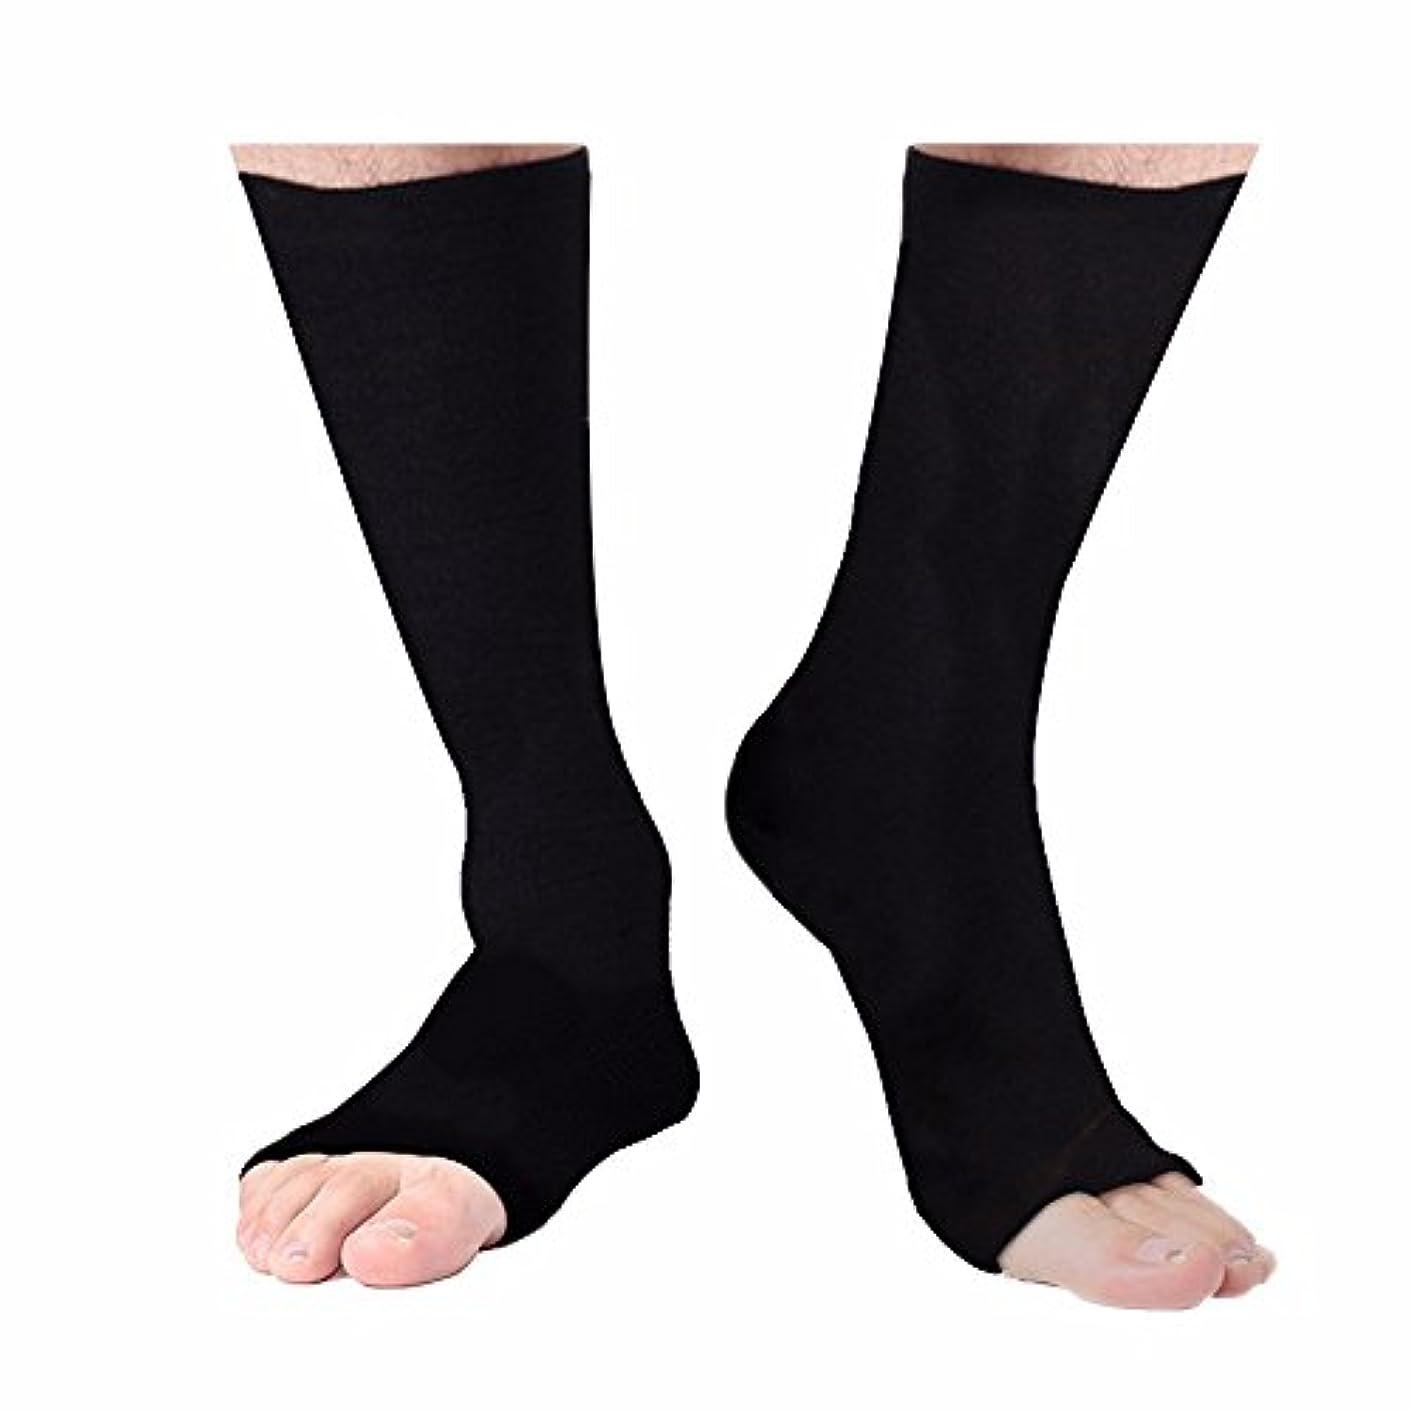 交差点トラクター栄光Yartar 着圧ソックス オープントゥ 段階圧力 ハイソックス 膝下 むくみ対策 男女兼用 Open Toe Pressure Socks (ブラック, L:35cm)